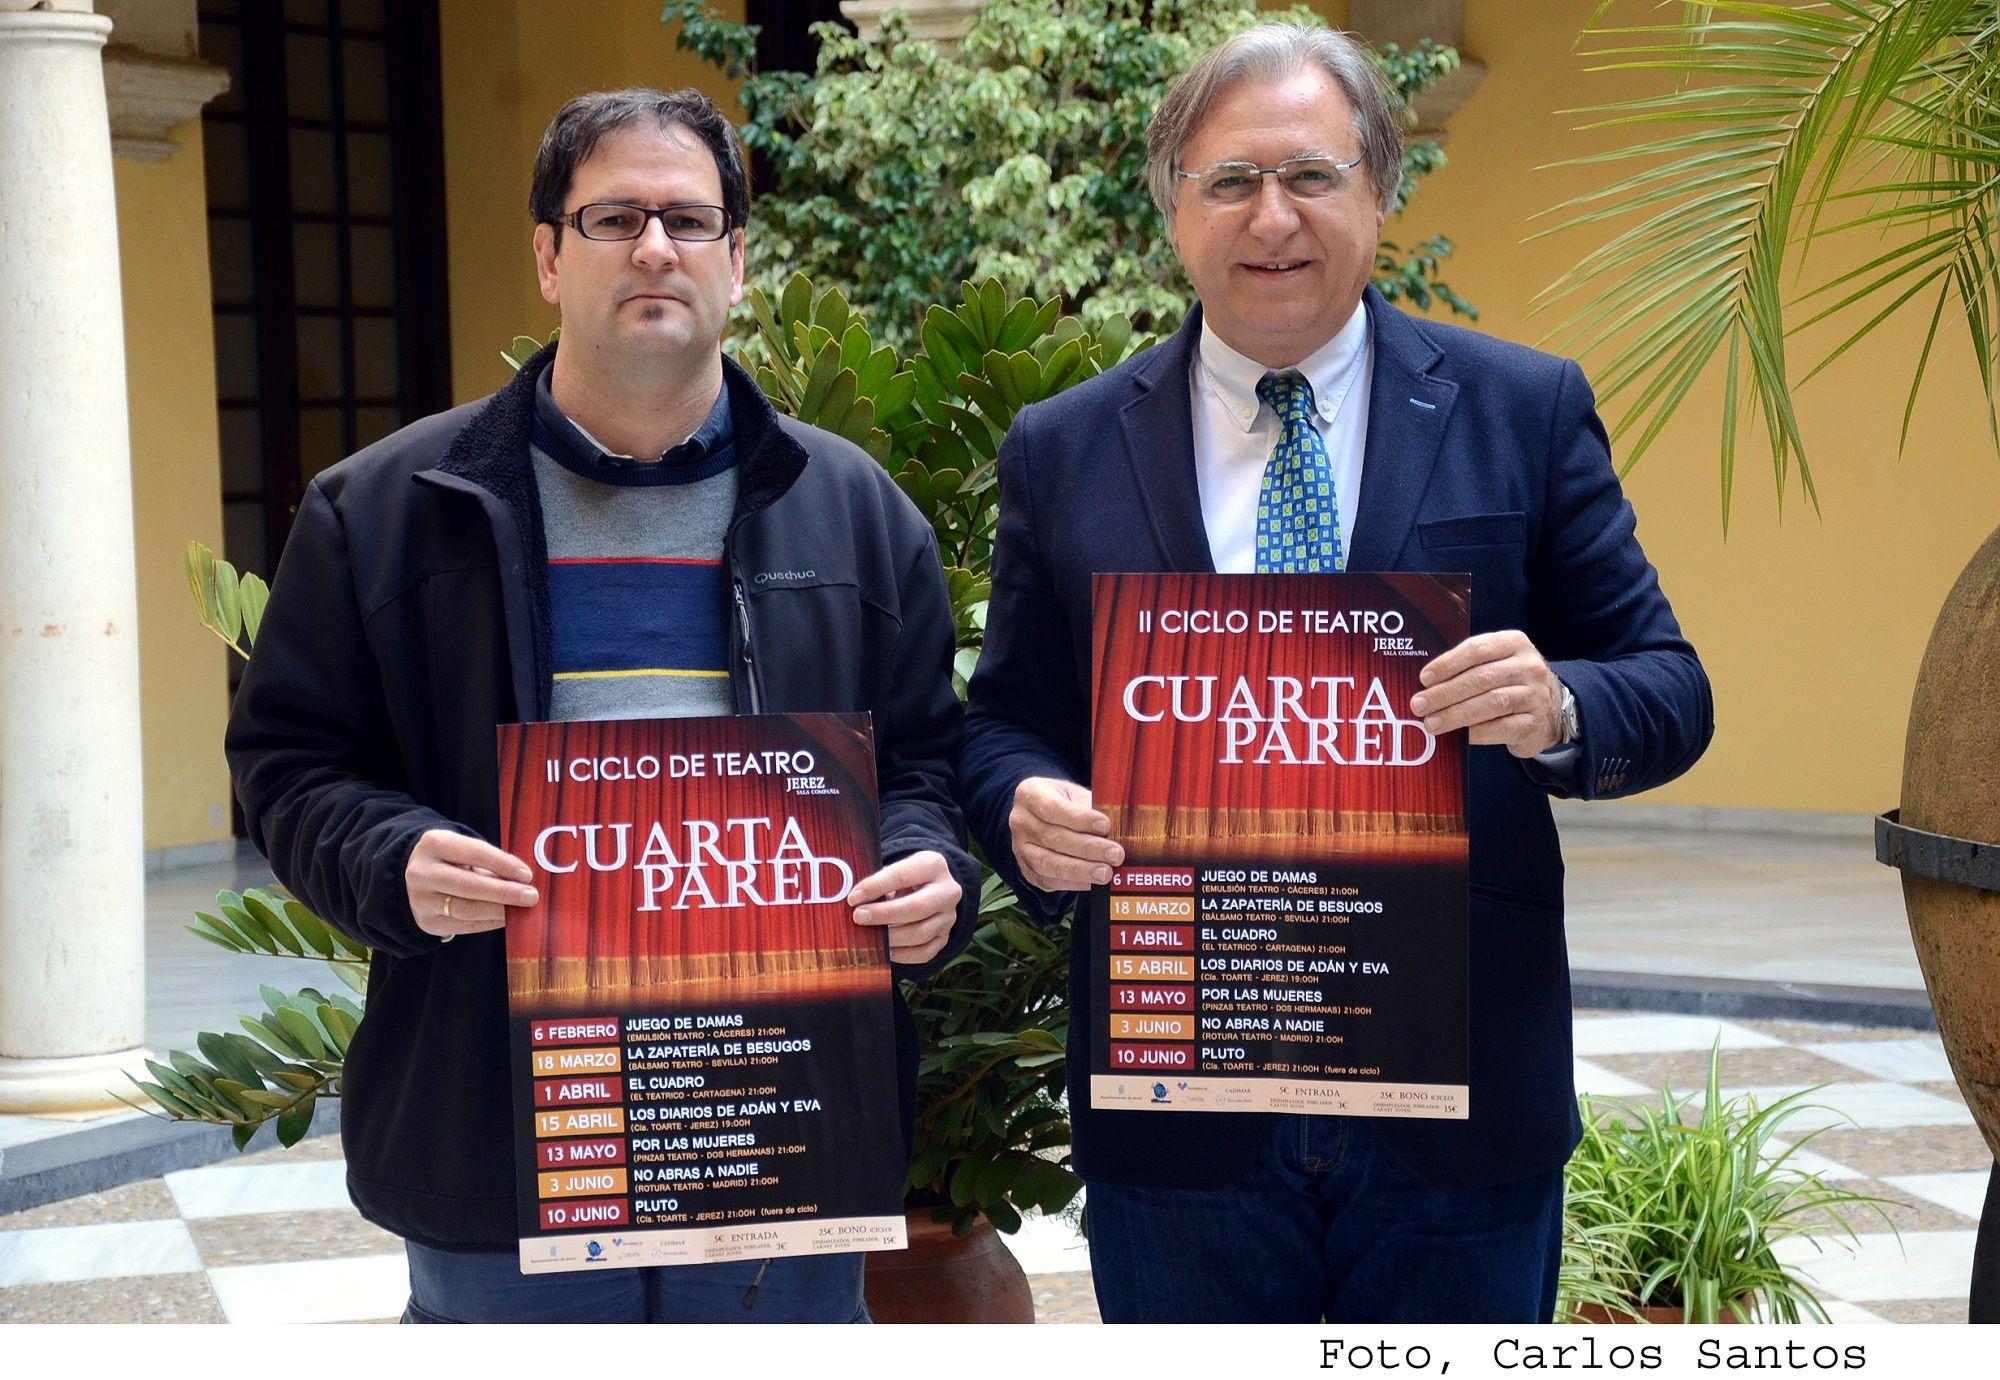 Arranca el Ciclo de Teatro Cuarta Pared en la Sala Compañía de Jerez ...